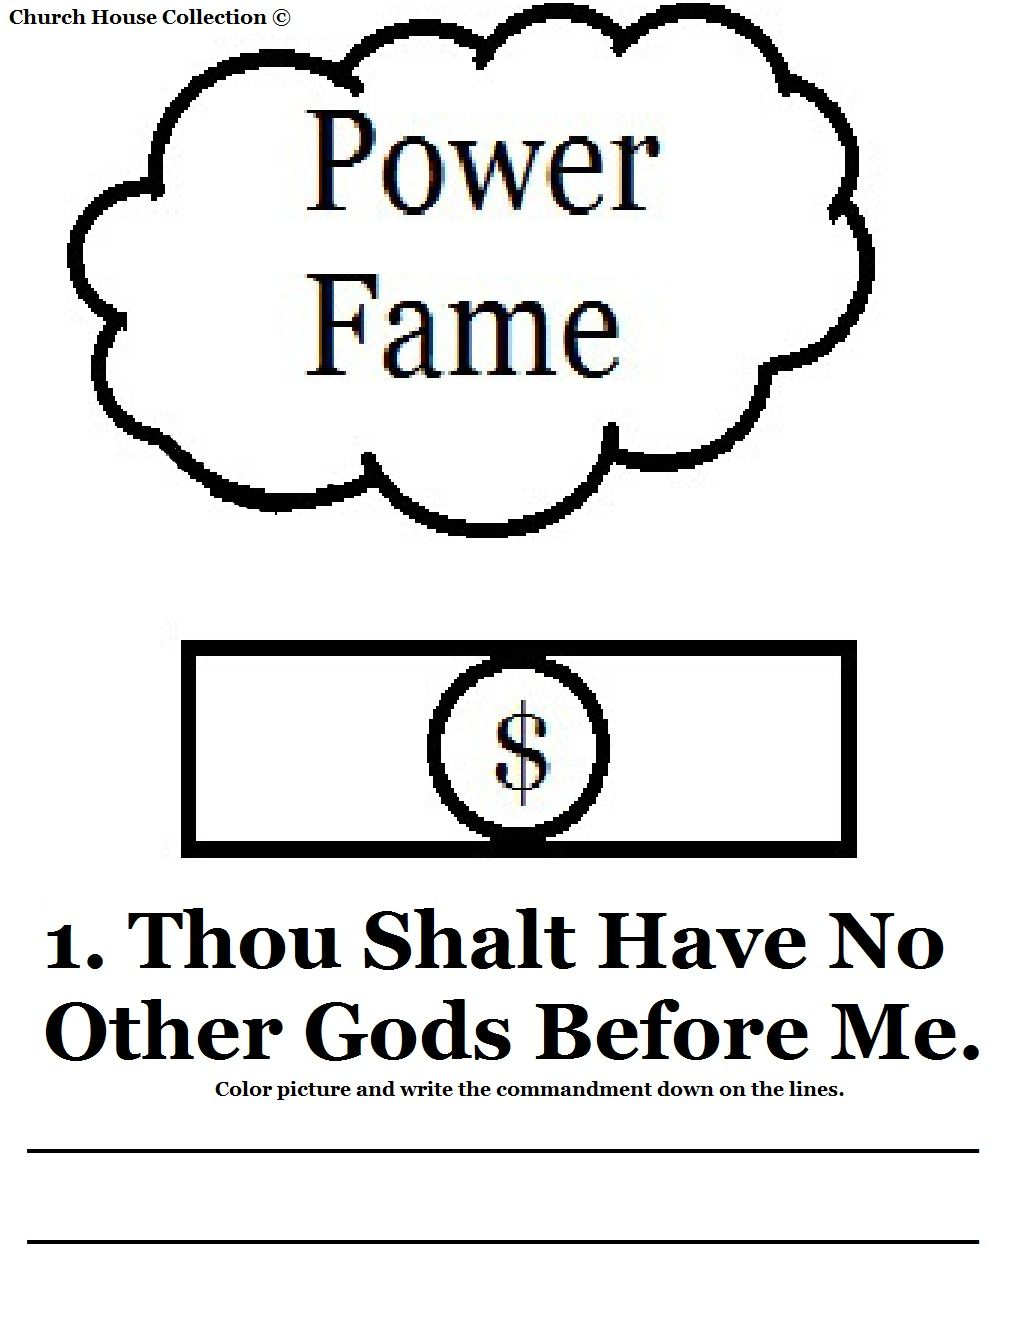 st this is. Ten commandments clipart first commandment